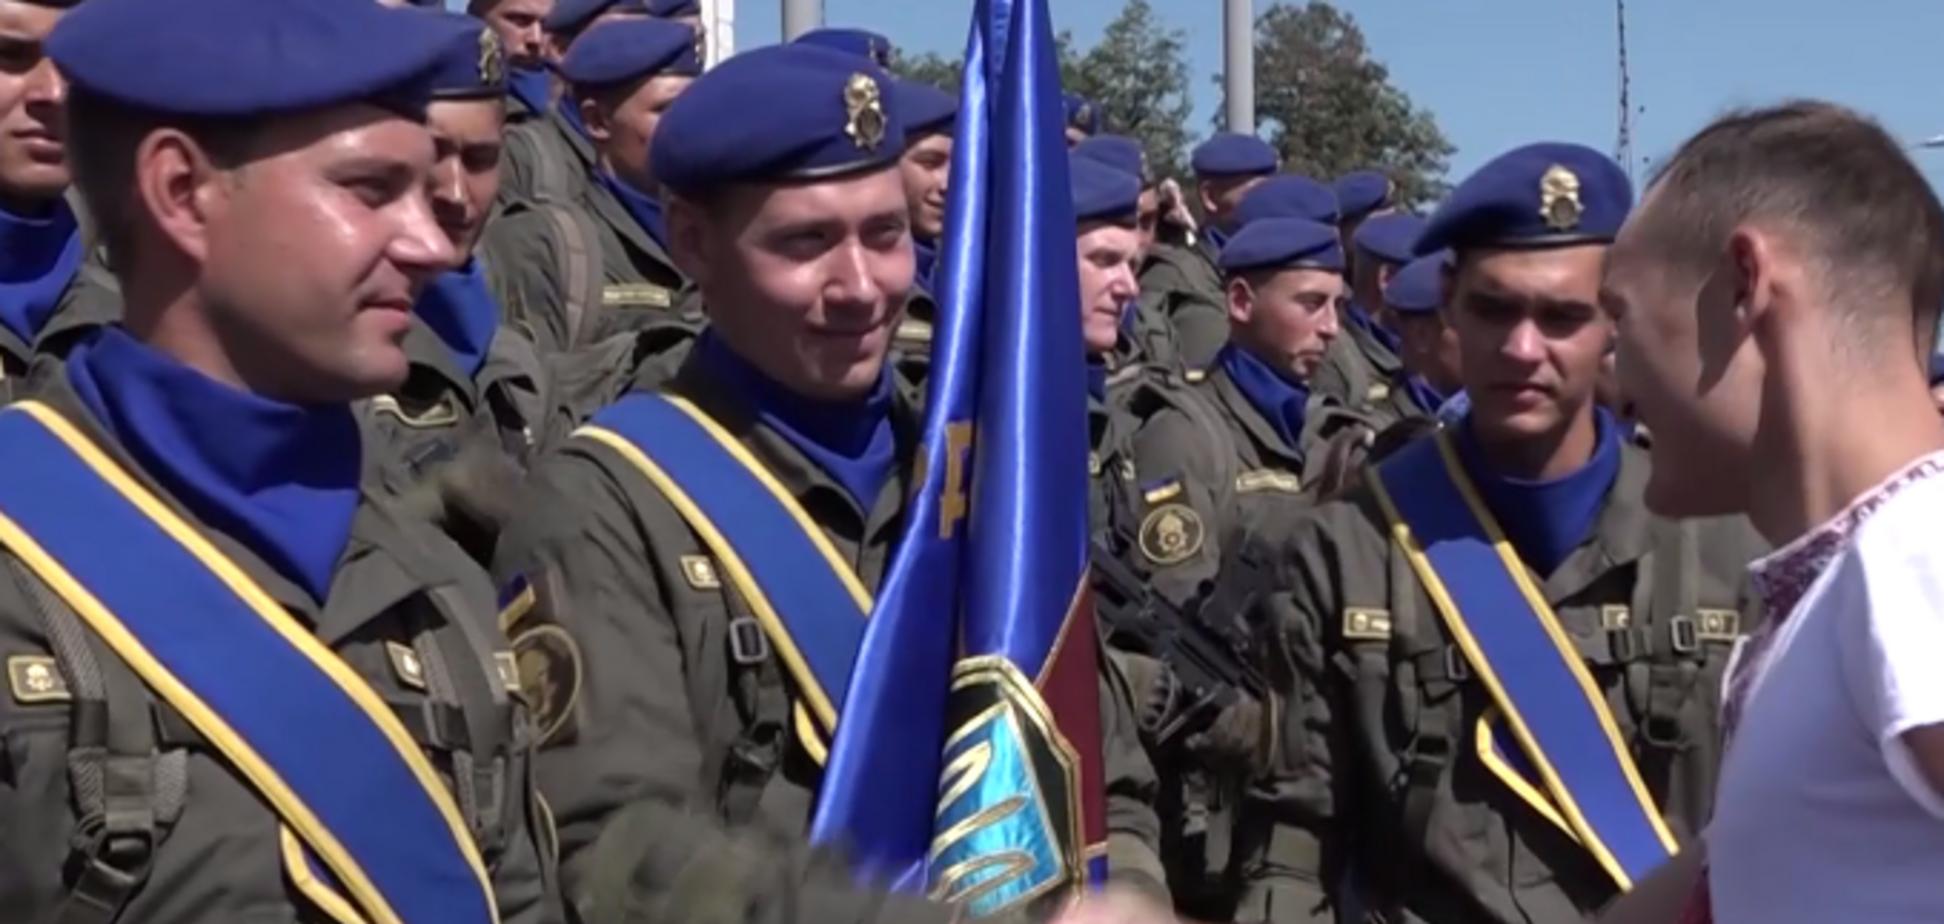 Делали фото и жали руки: украинцы перед парадом пообщались с военными